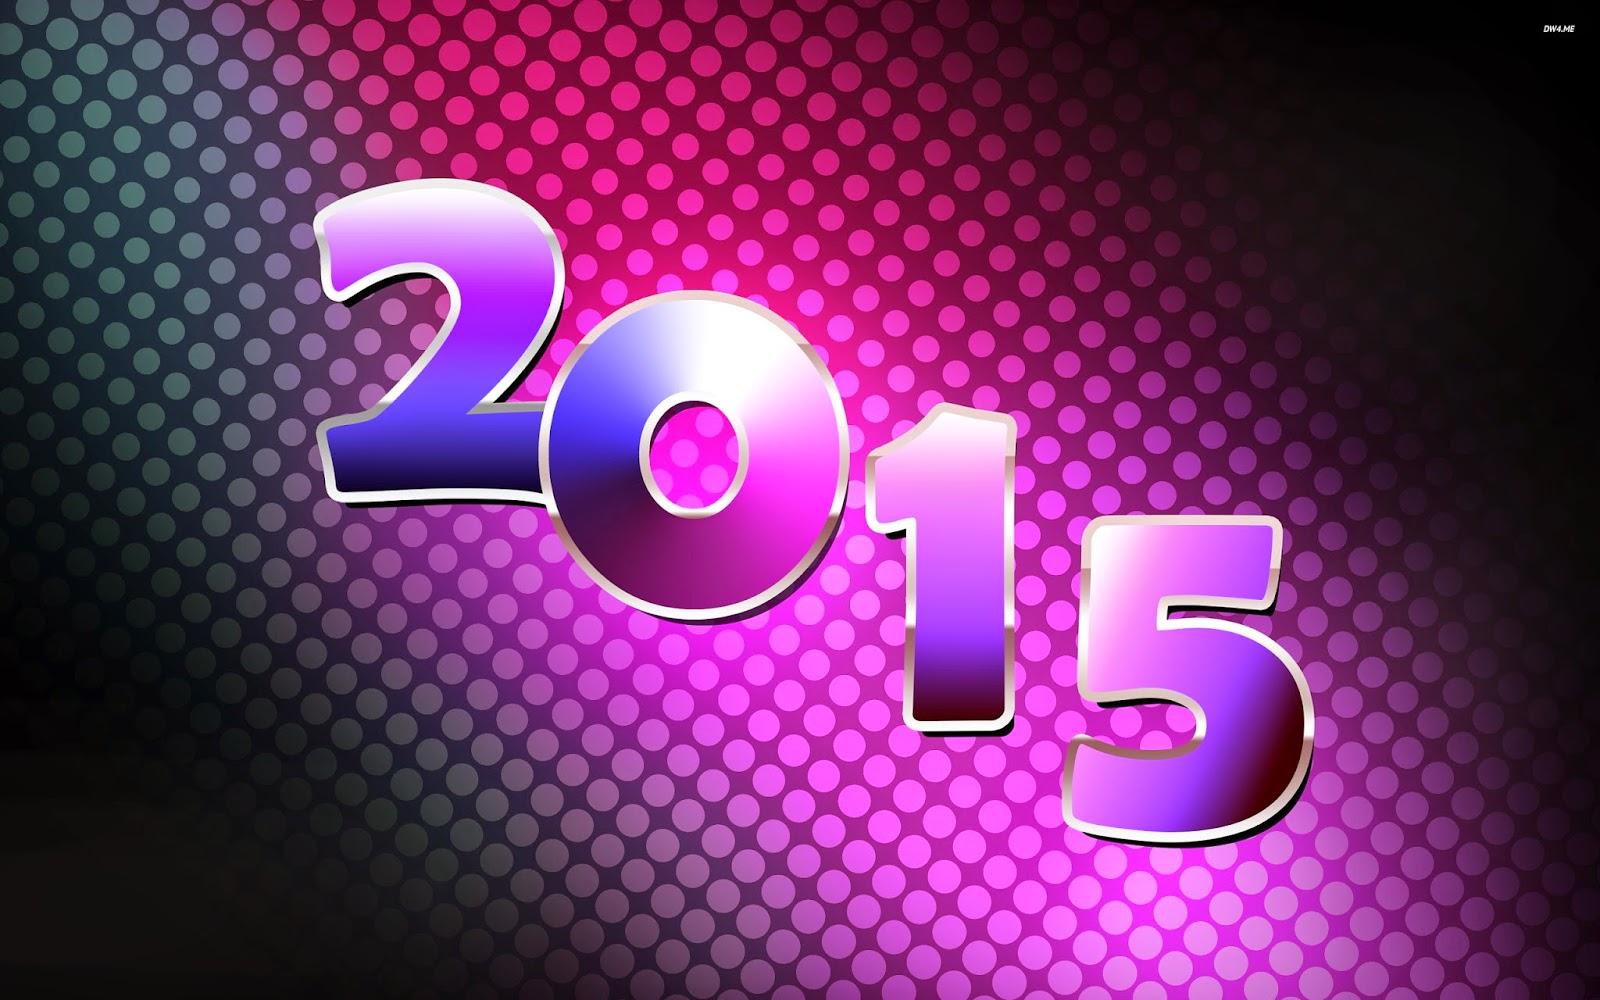 أحدث وأحلي صور العام الميلادي الجديد 2015